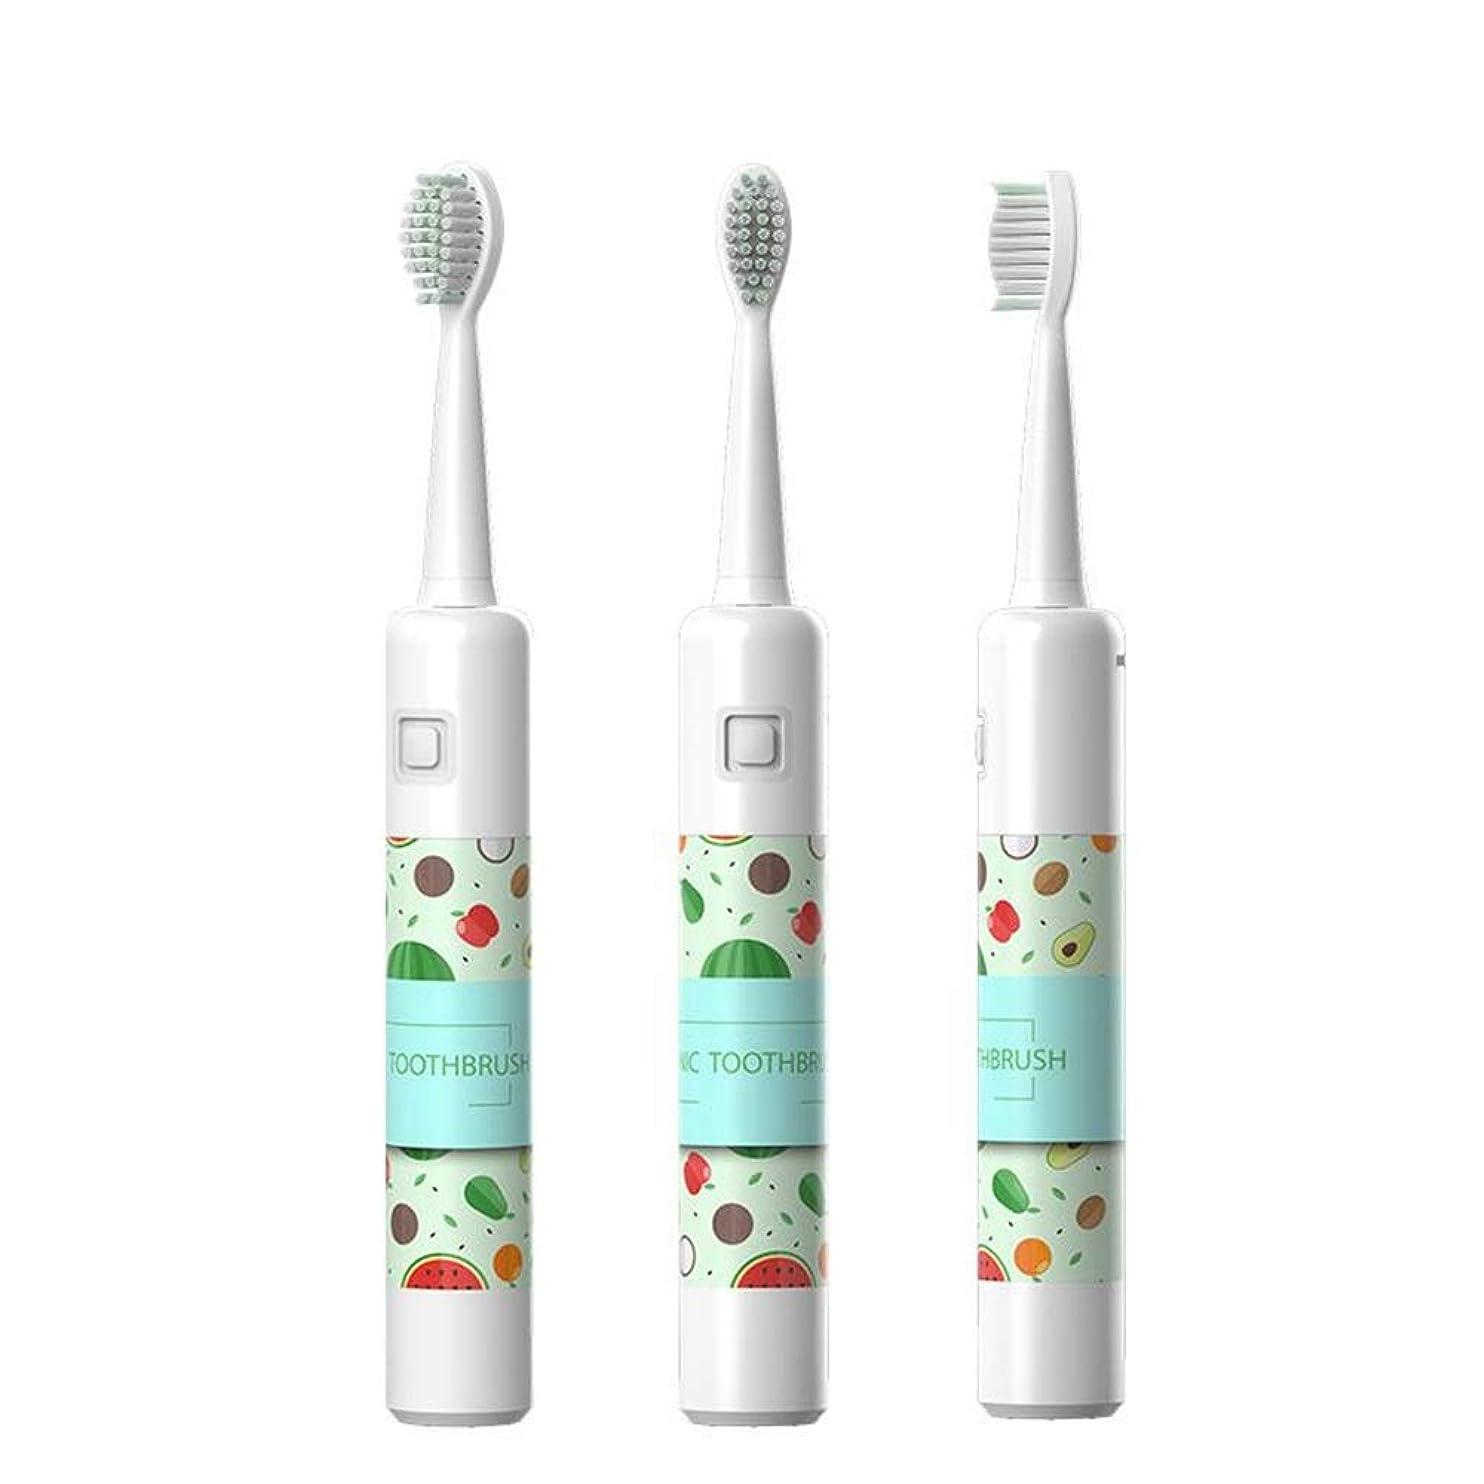 信条メロディアス乏しいBOBIDYEE 自動歯ブラシ音波怠惰な電動歯ブラシUSB充電電動歯ブラシ充電 (色 : White)